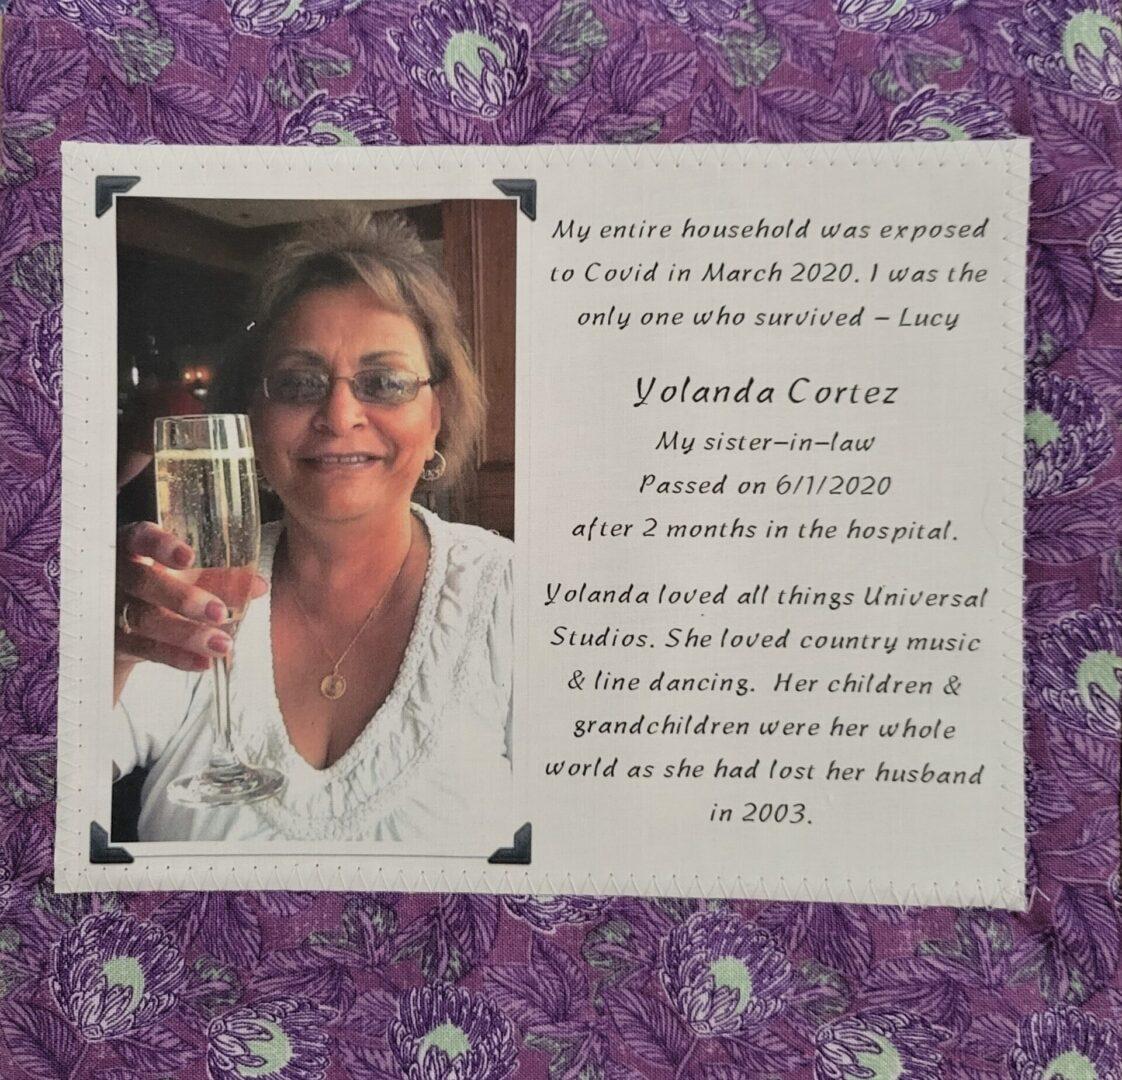 IN MEMORY OF YOLANDA CORTEZ - 6/1/2020